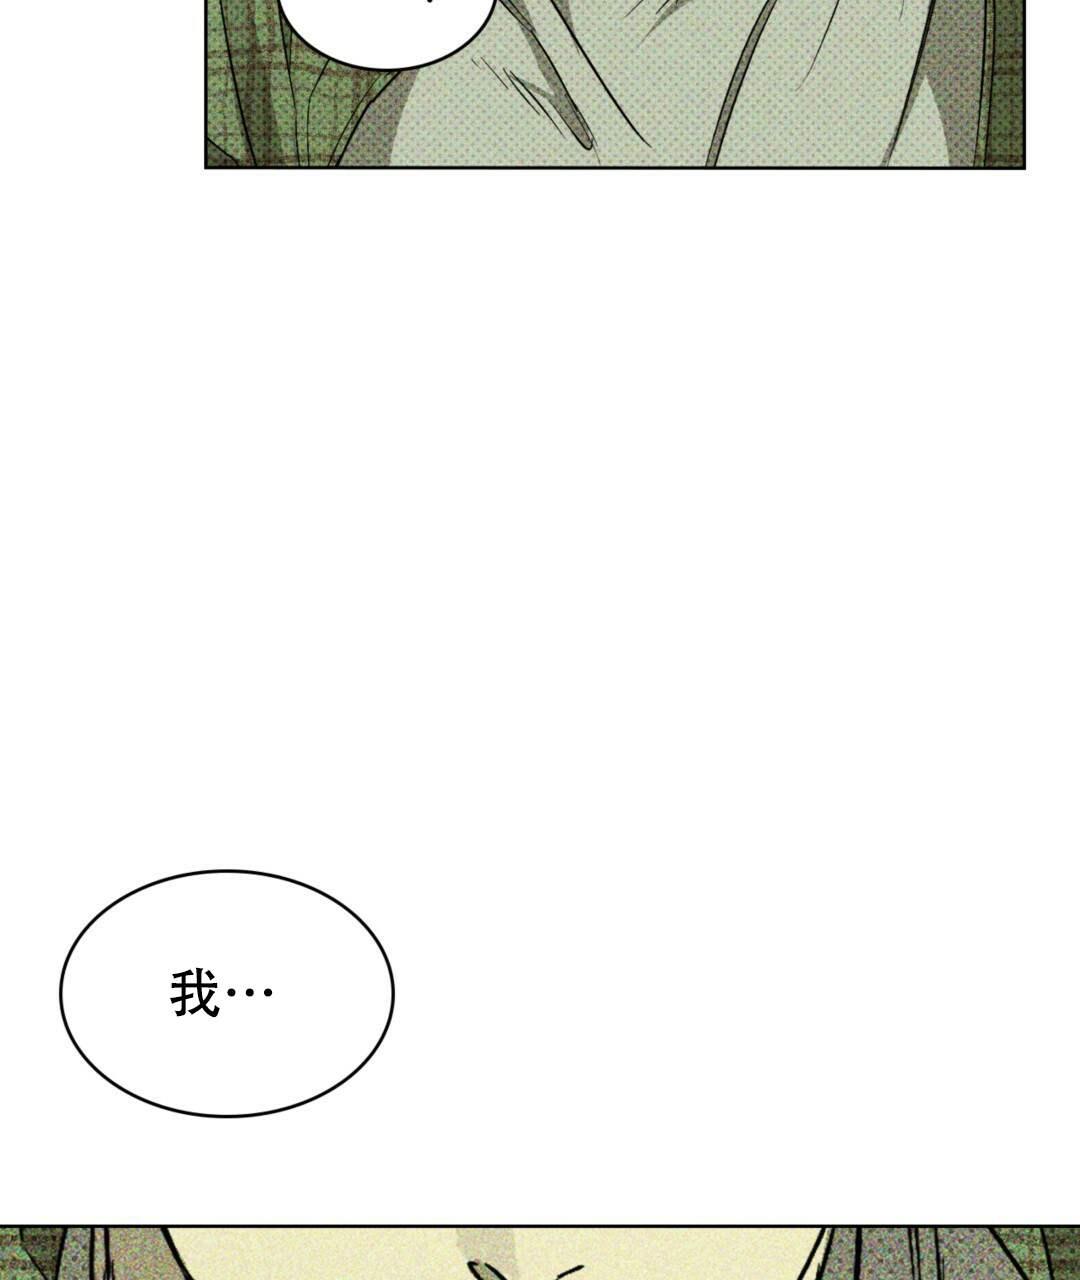 韩漫  《绿色镌像》这男人竟该死的甜美~纯情男大学生x黑帮大佬  第6张